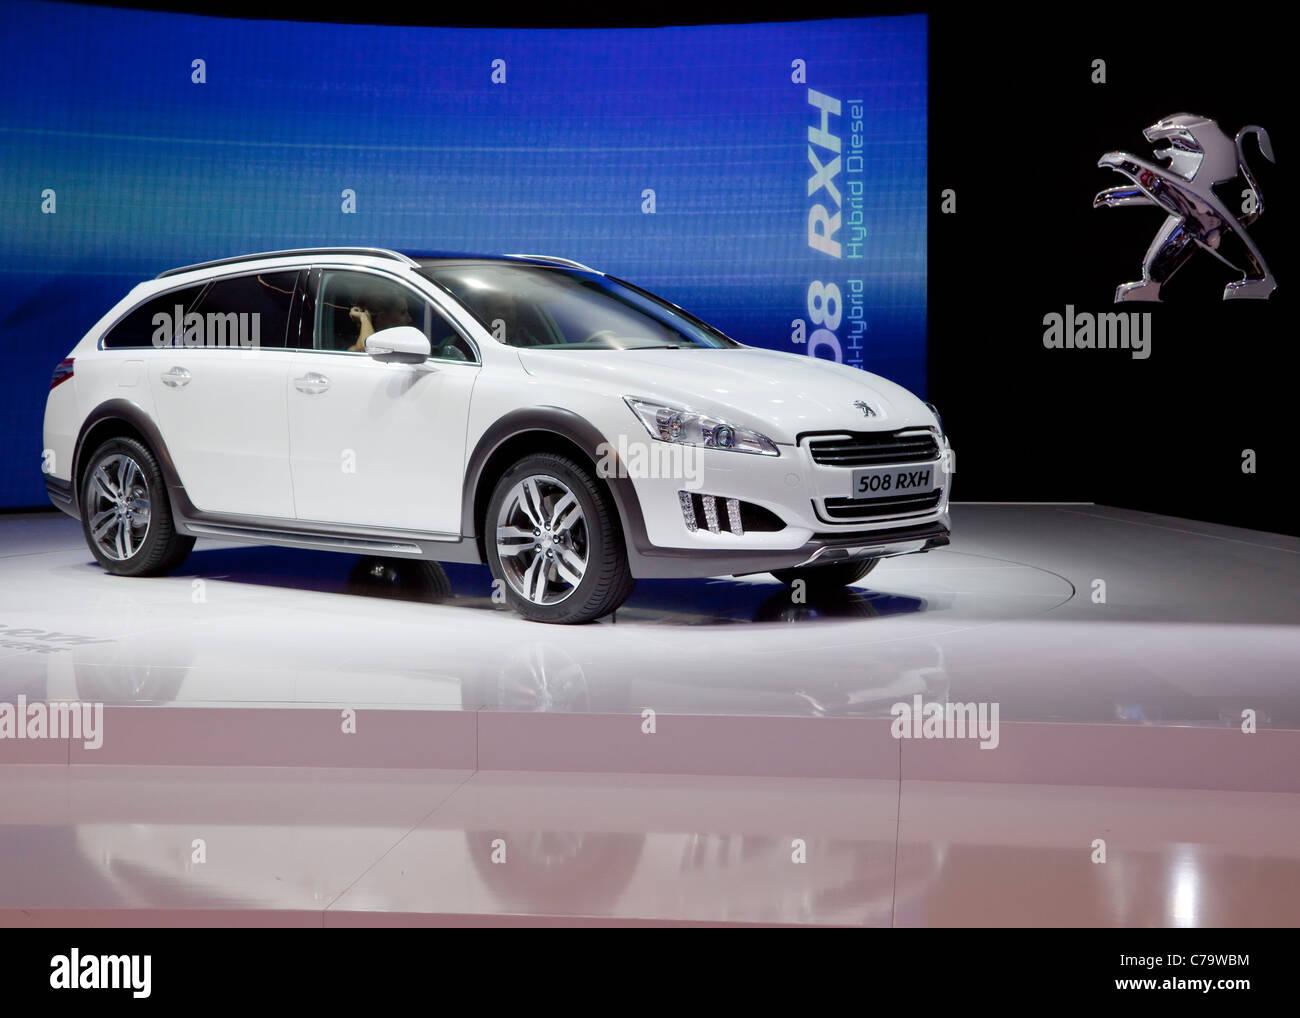 Nuova Peugeot 508 RXH ibrido Diesel auto sulla IAA 2011 International Motor Show di Francoforte am Main, Germania Immagini Stock